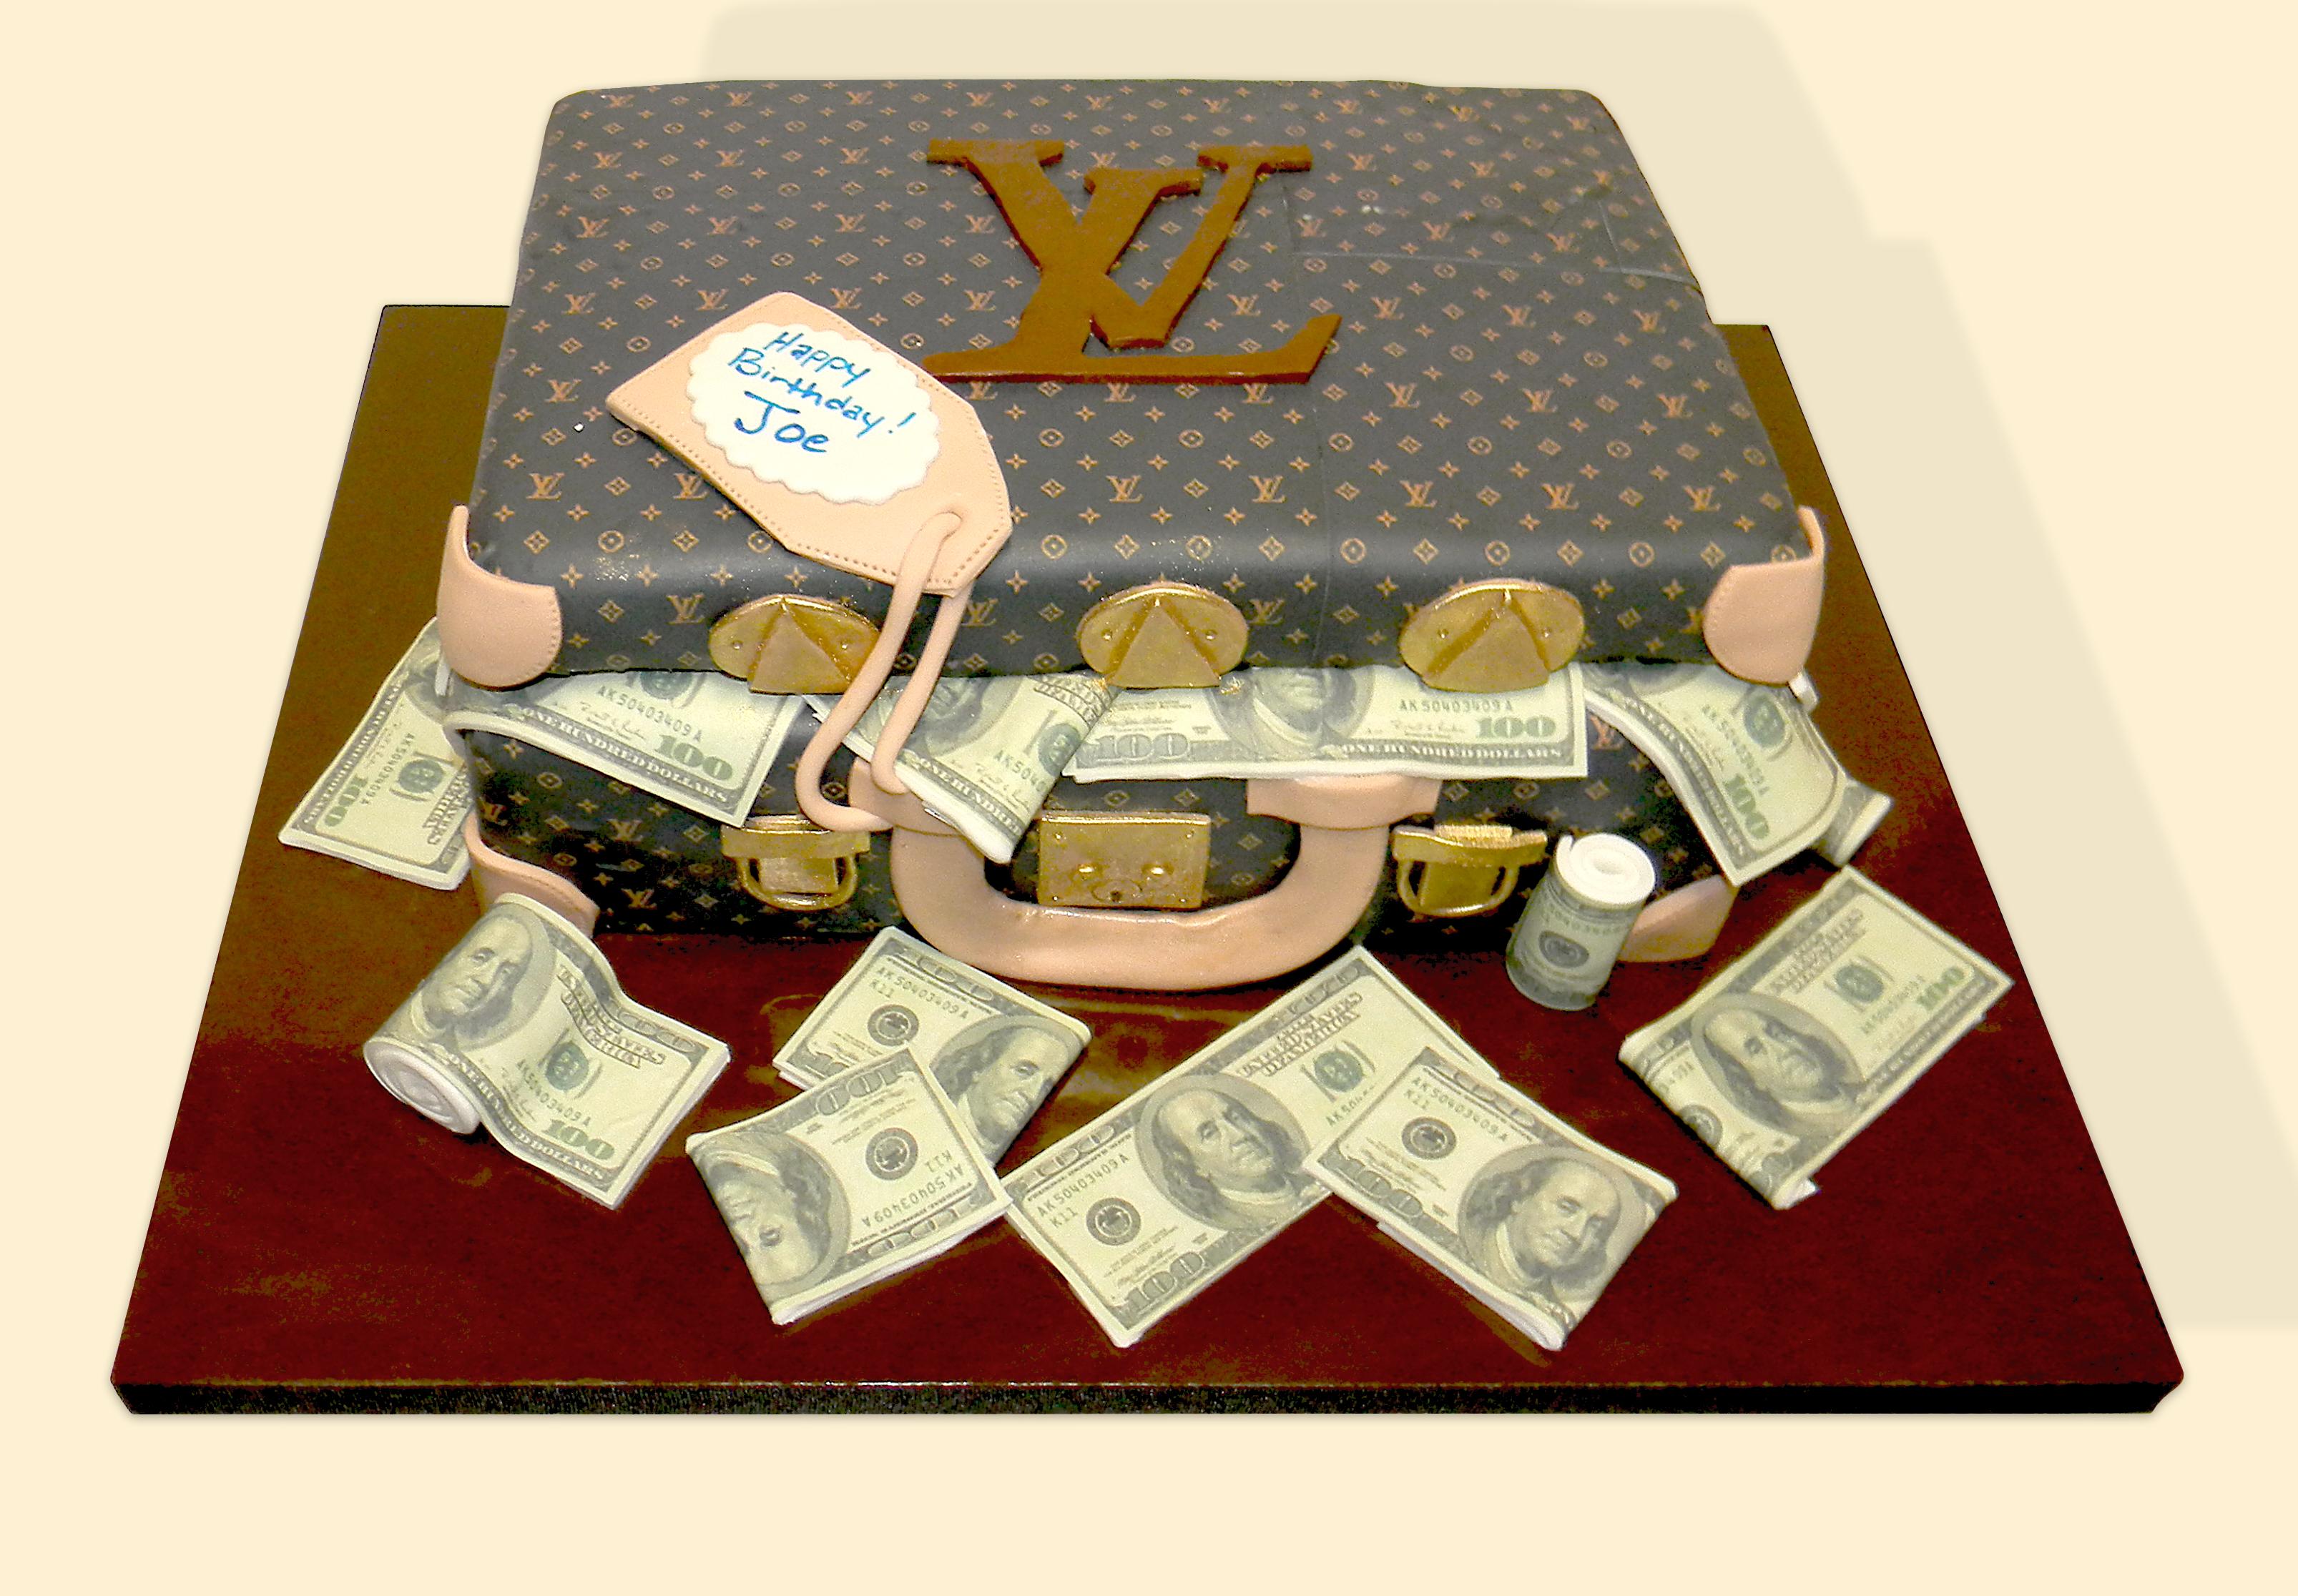 Designer Brief Case Cake